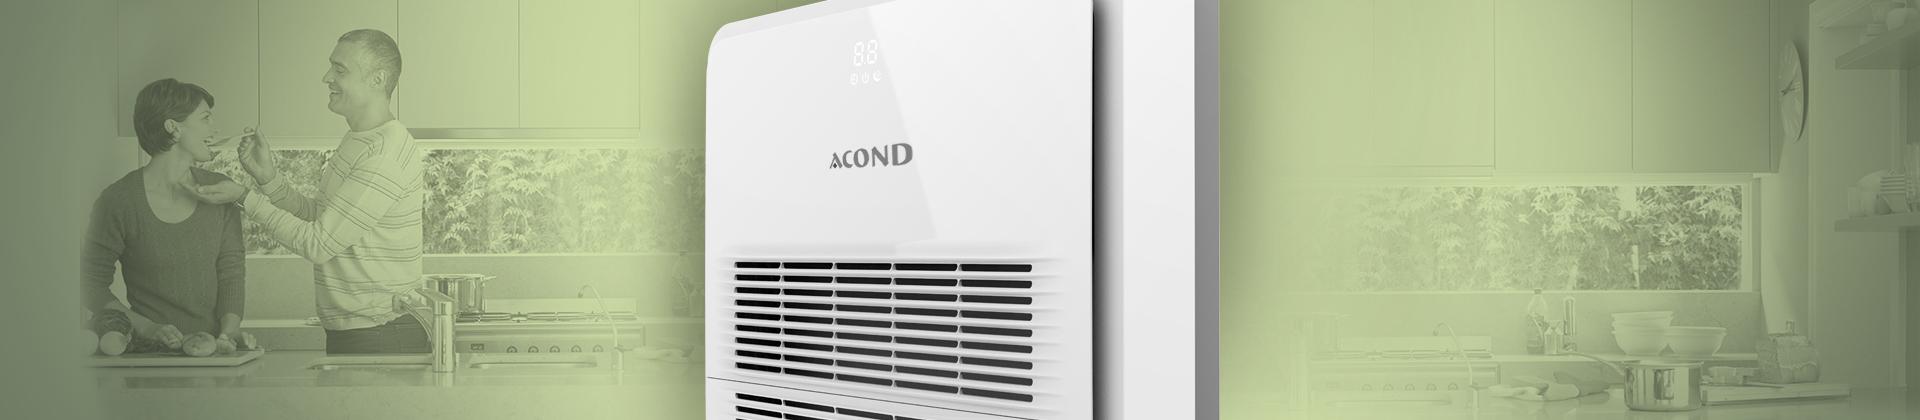 Klimatizace ACOND